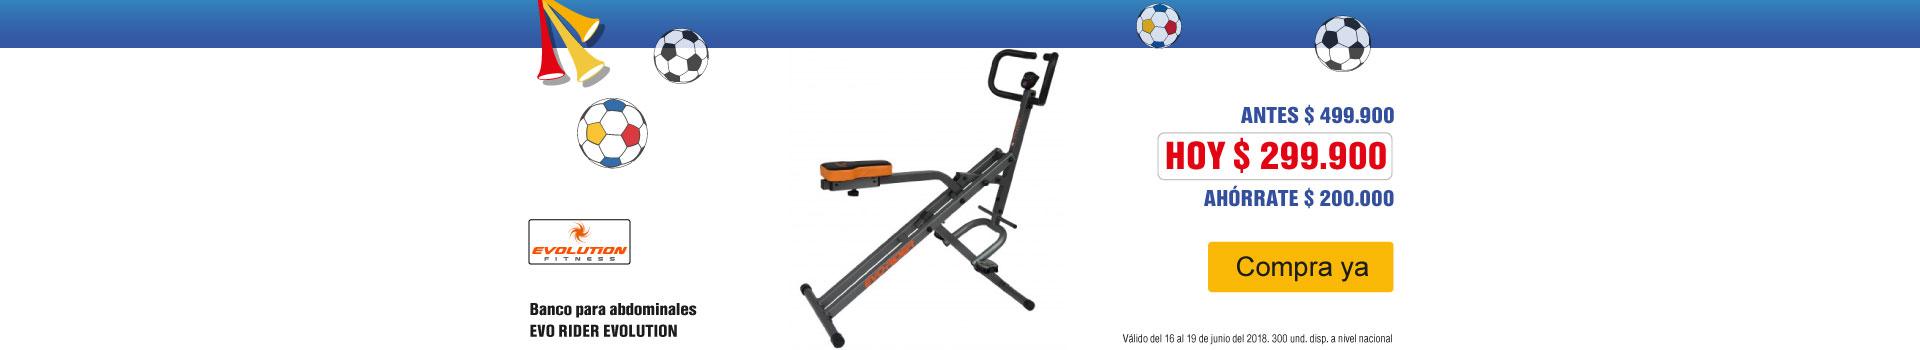 AK-KT-BCAT-2-Deportes-PP-Evolution-EvoRider-Jun16